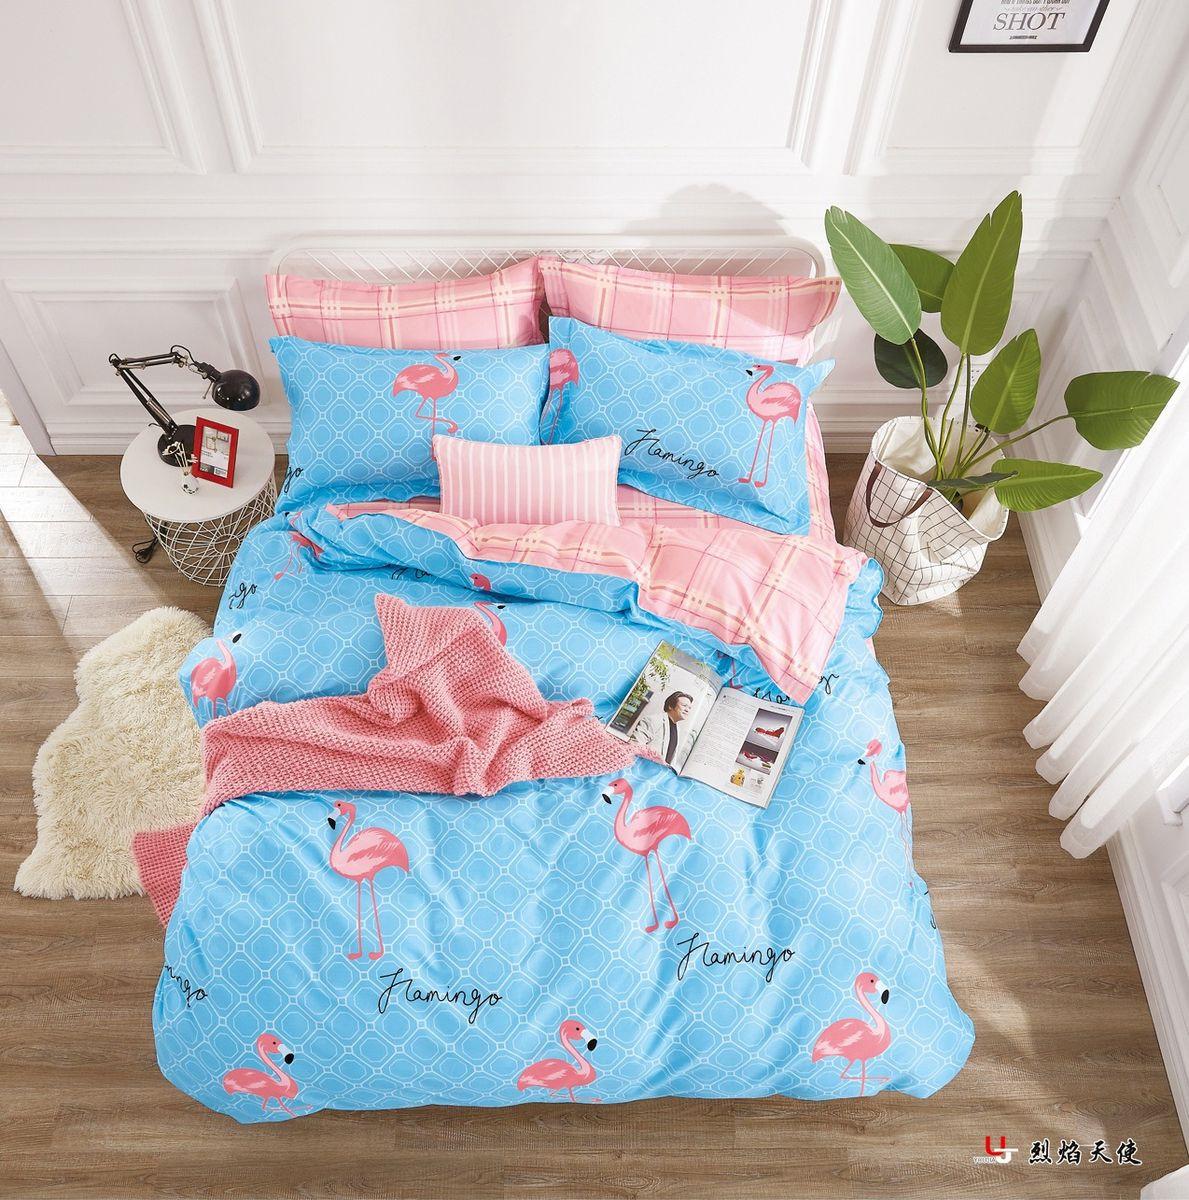 Комплект постельного белья Guten Morgen Перкаль, Пг-797-175-220-70, голубой, 2-х спальный, наволочки 70x70 комплект постельного белья guten morgen перкаль пг 797 175 220 70 голубой 2 х спальный наволочки 70x70